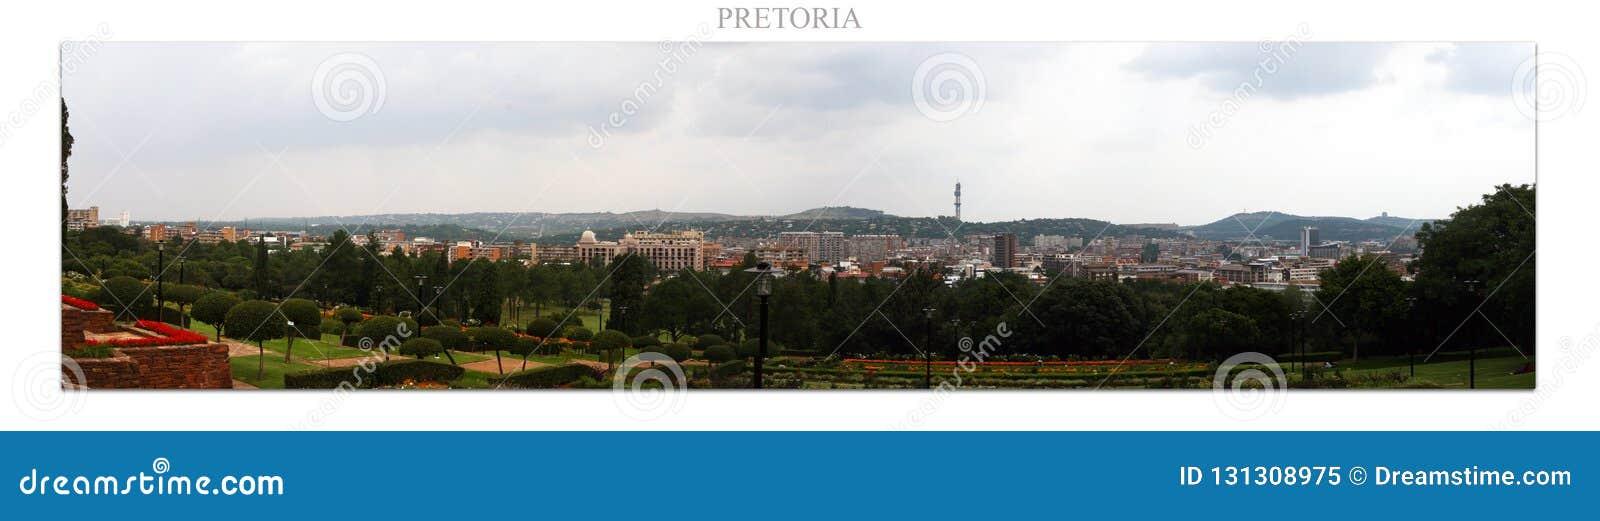 Απλά Πρετόρια στη Νότια Αφρική